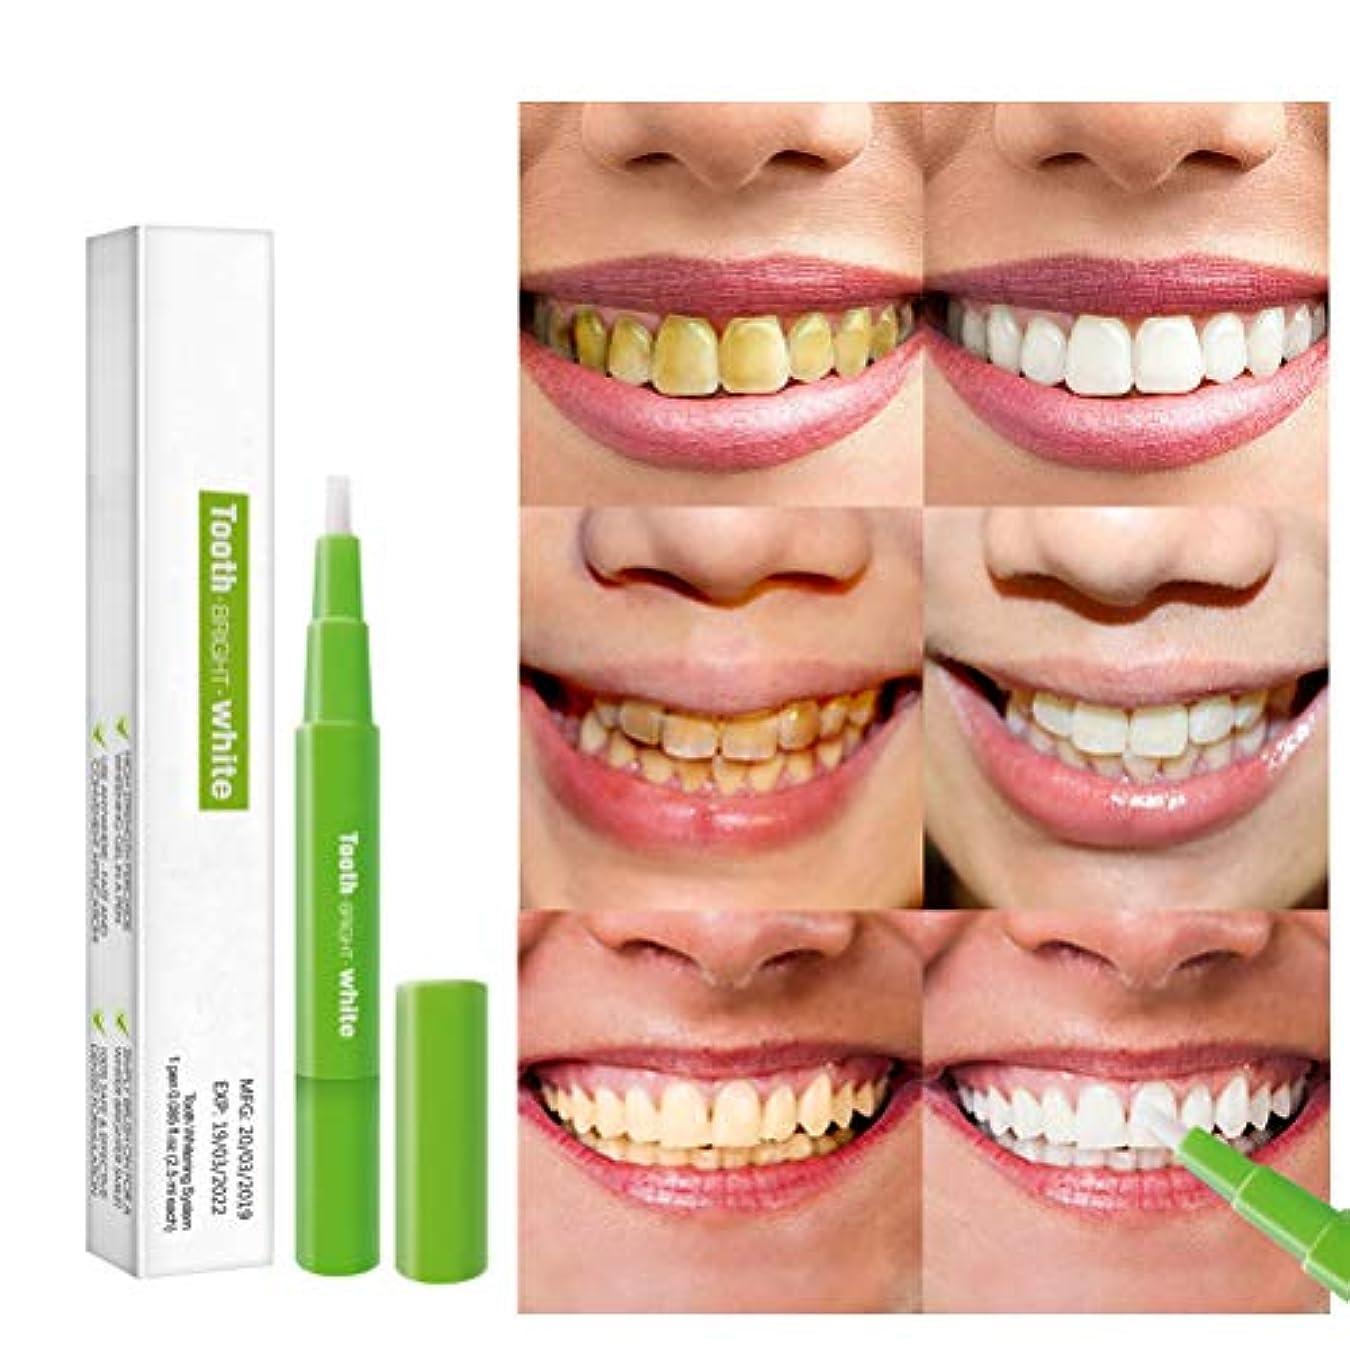 石のリスク立法Creacom 歯 ホワイトニング ペン 美白歯ゲル 歯 ホワイトニングペン ホワイトニングペン 歯ブラシ 輝く笑顔 口臭防止 歯周病防止 口腔衛生 携帯便利 安全性 口腔洗浄ツール 輝かしい笑顔を見せる